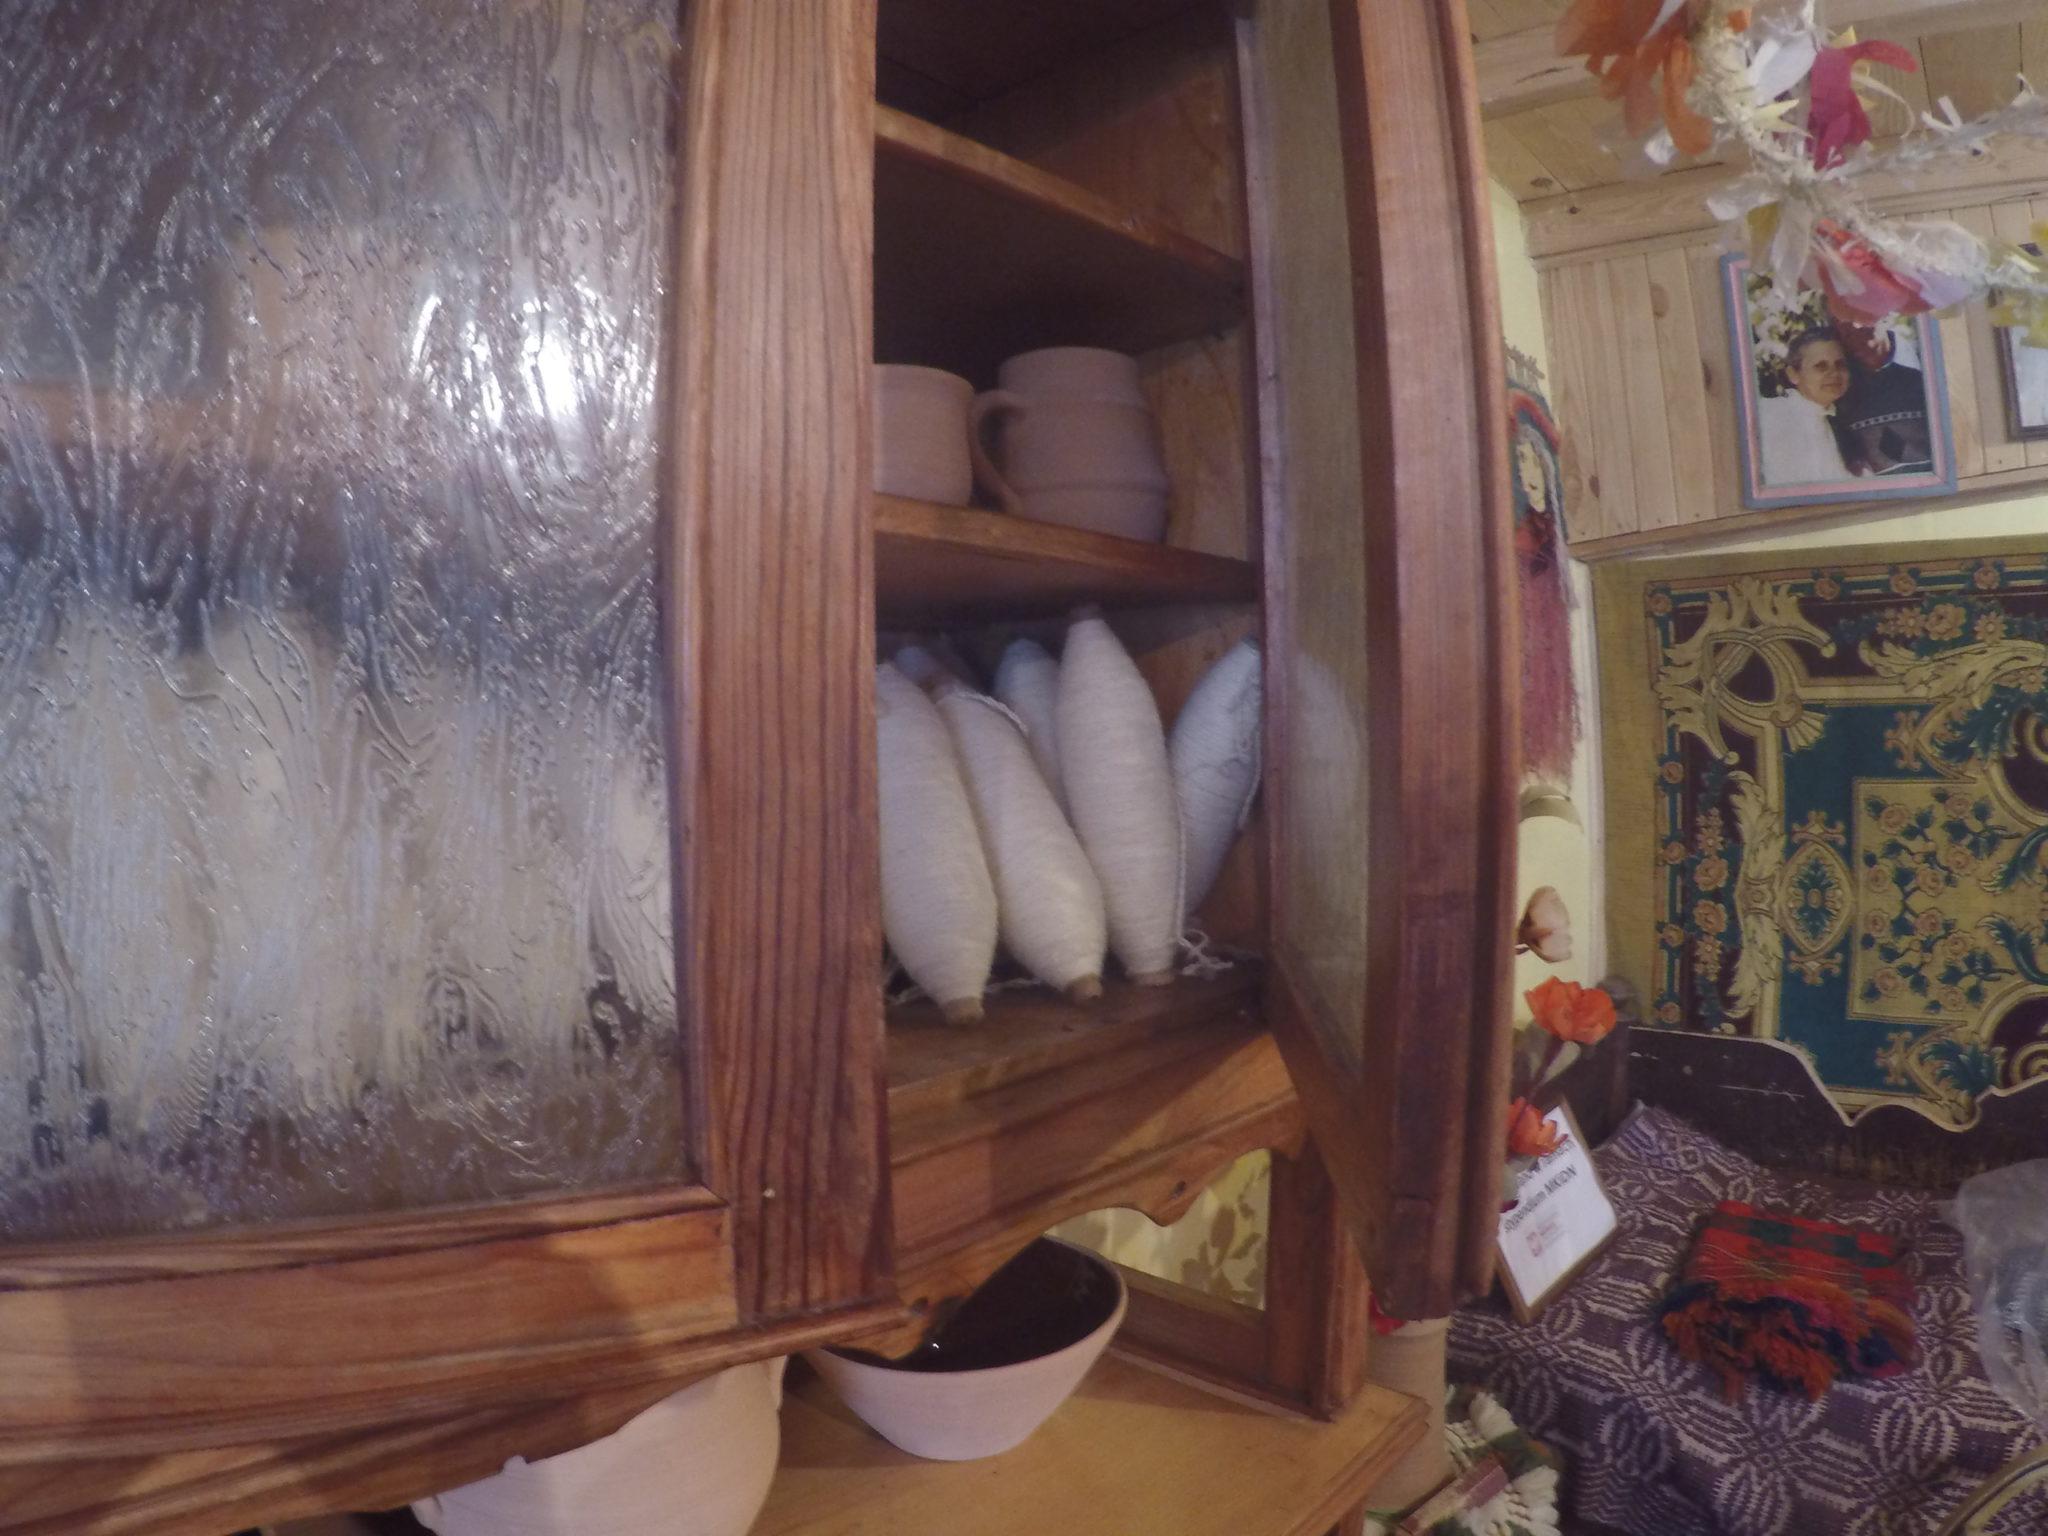 Zajęcia Tkackie dziedzictwo. Przekazywanie wiedzy i tradycji tkackiej